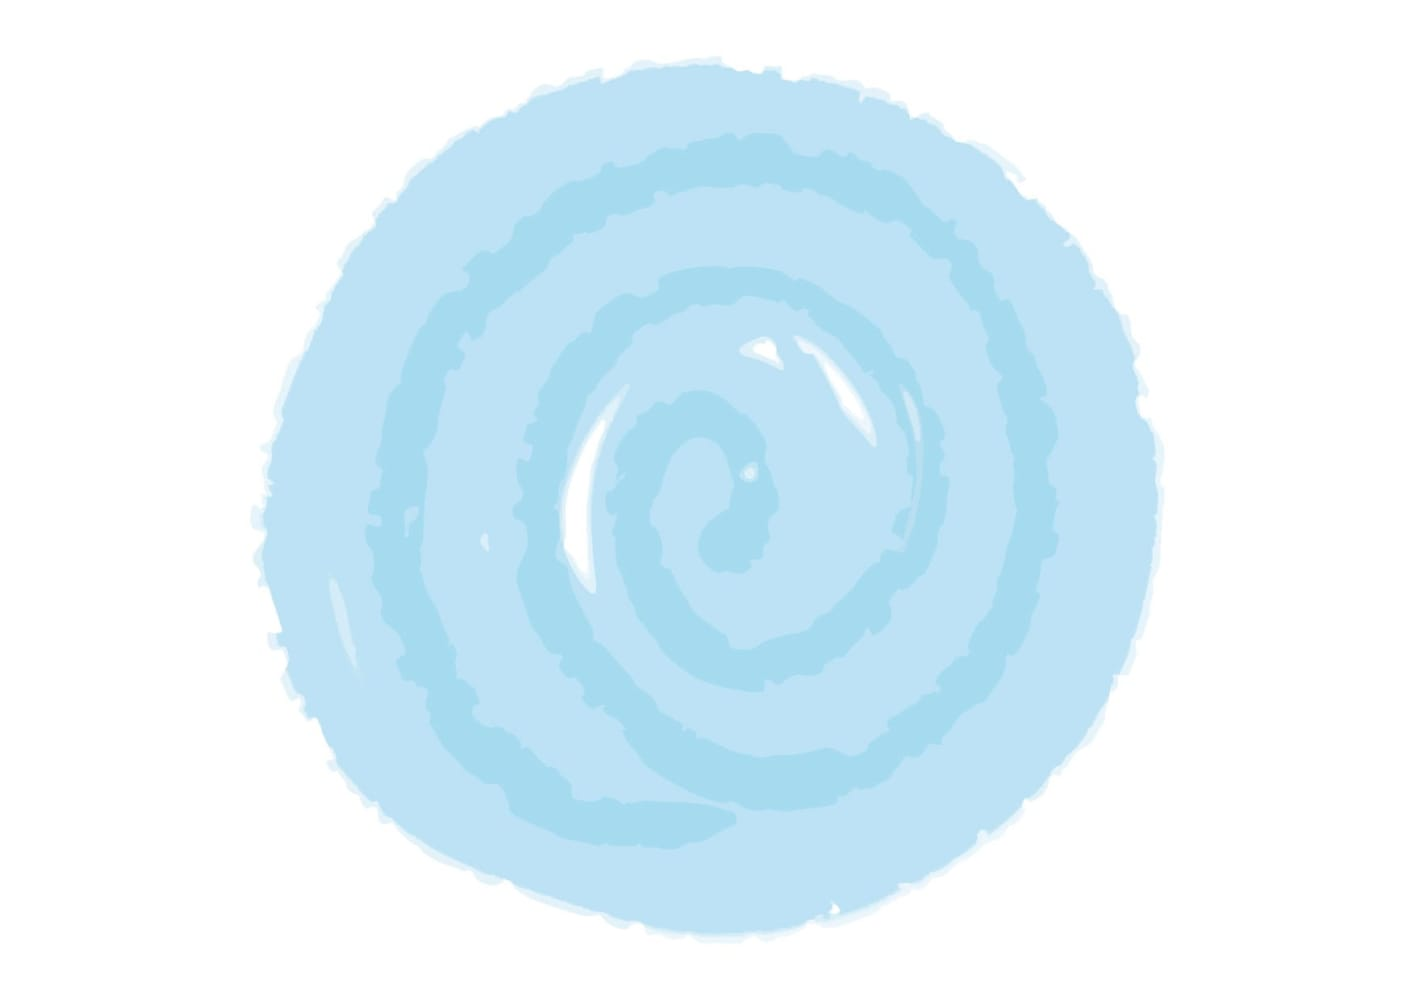 水彩 背景 フレーム 水色 イラスト 無料